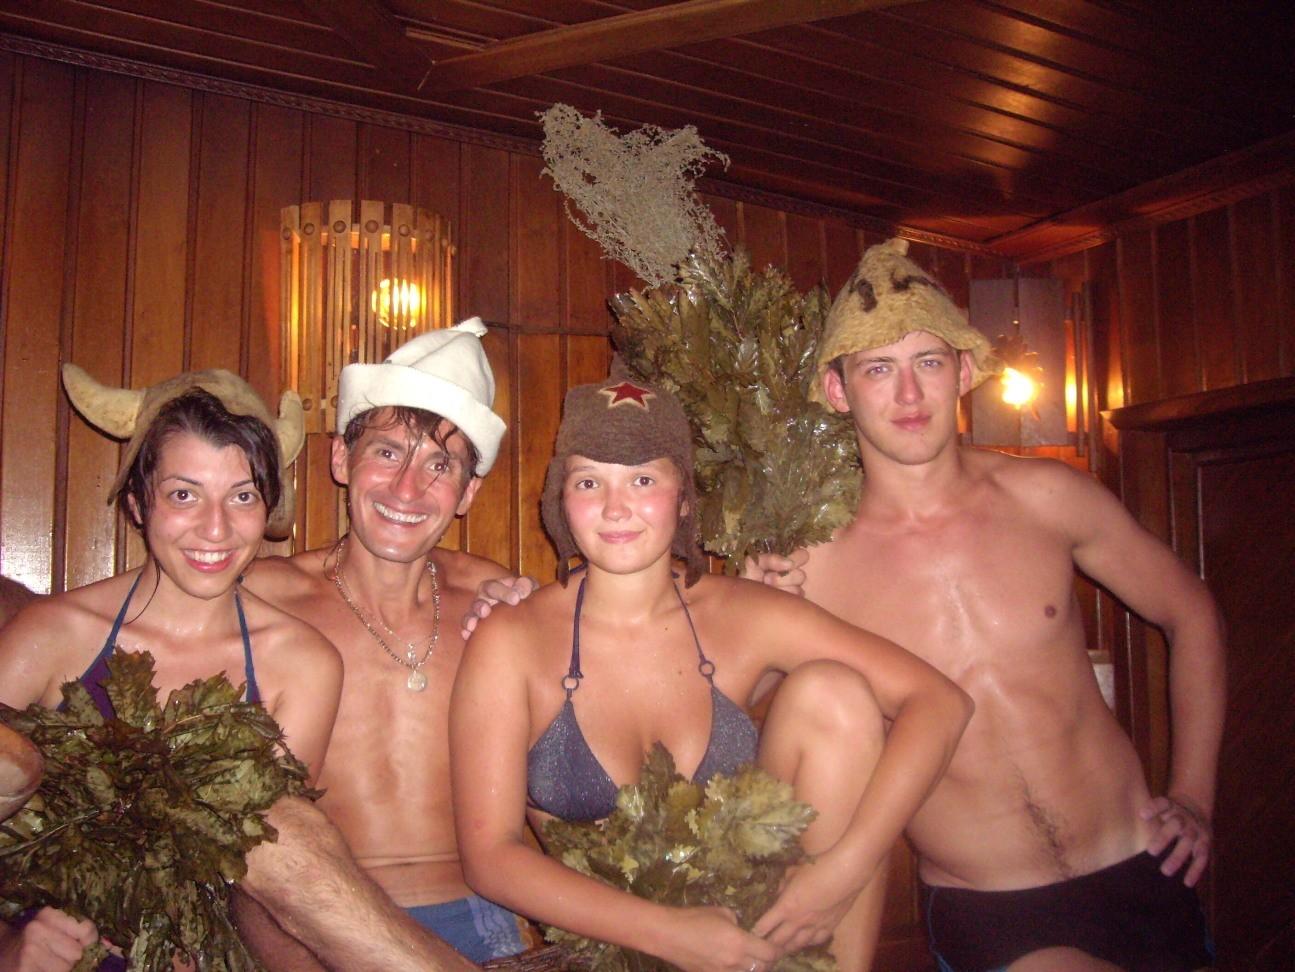 Любительские фото в русской бане смотреть онлайн